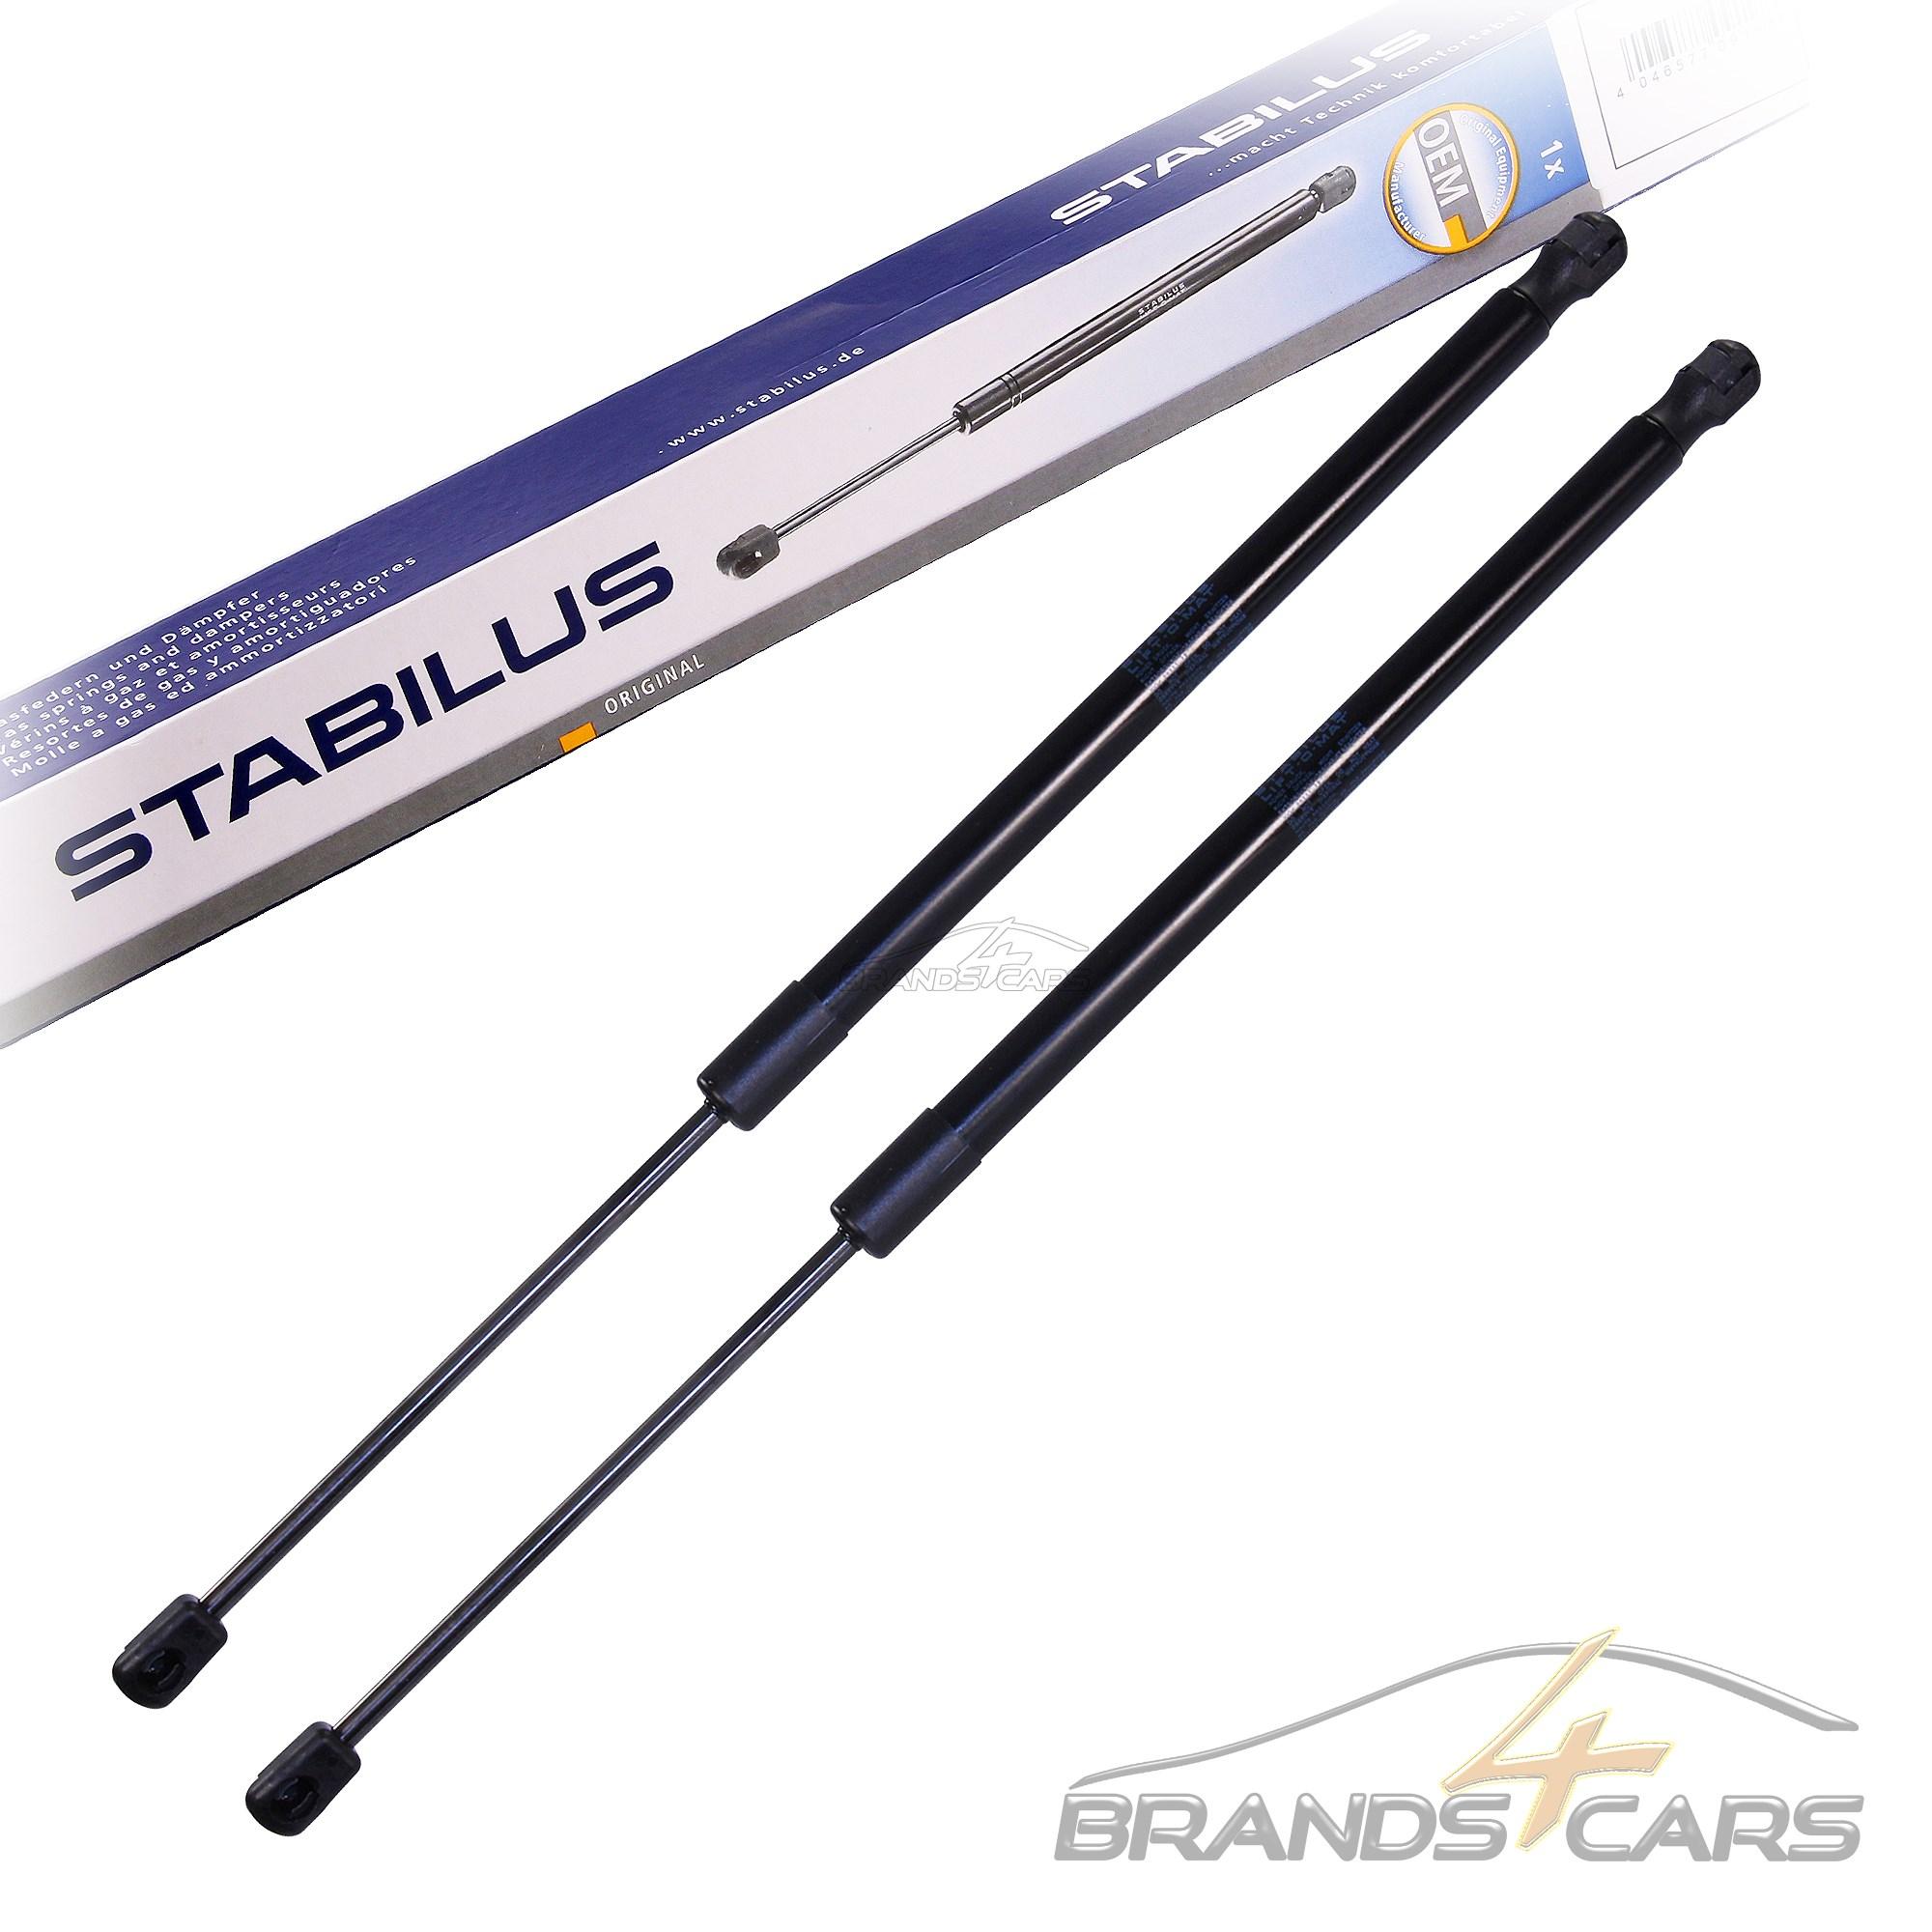 2x ORIGINAL STABILUS GASFEDER HECKKLAPPE RENAULT GRAND SCENIC 2 AB BJ 04